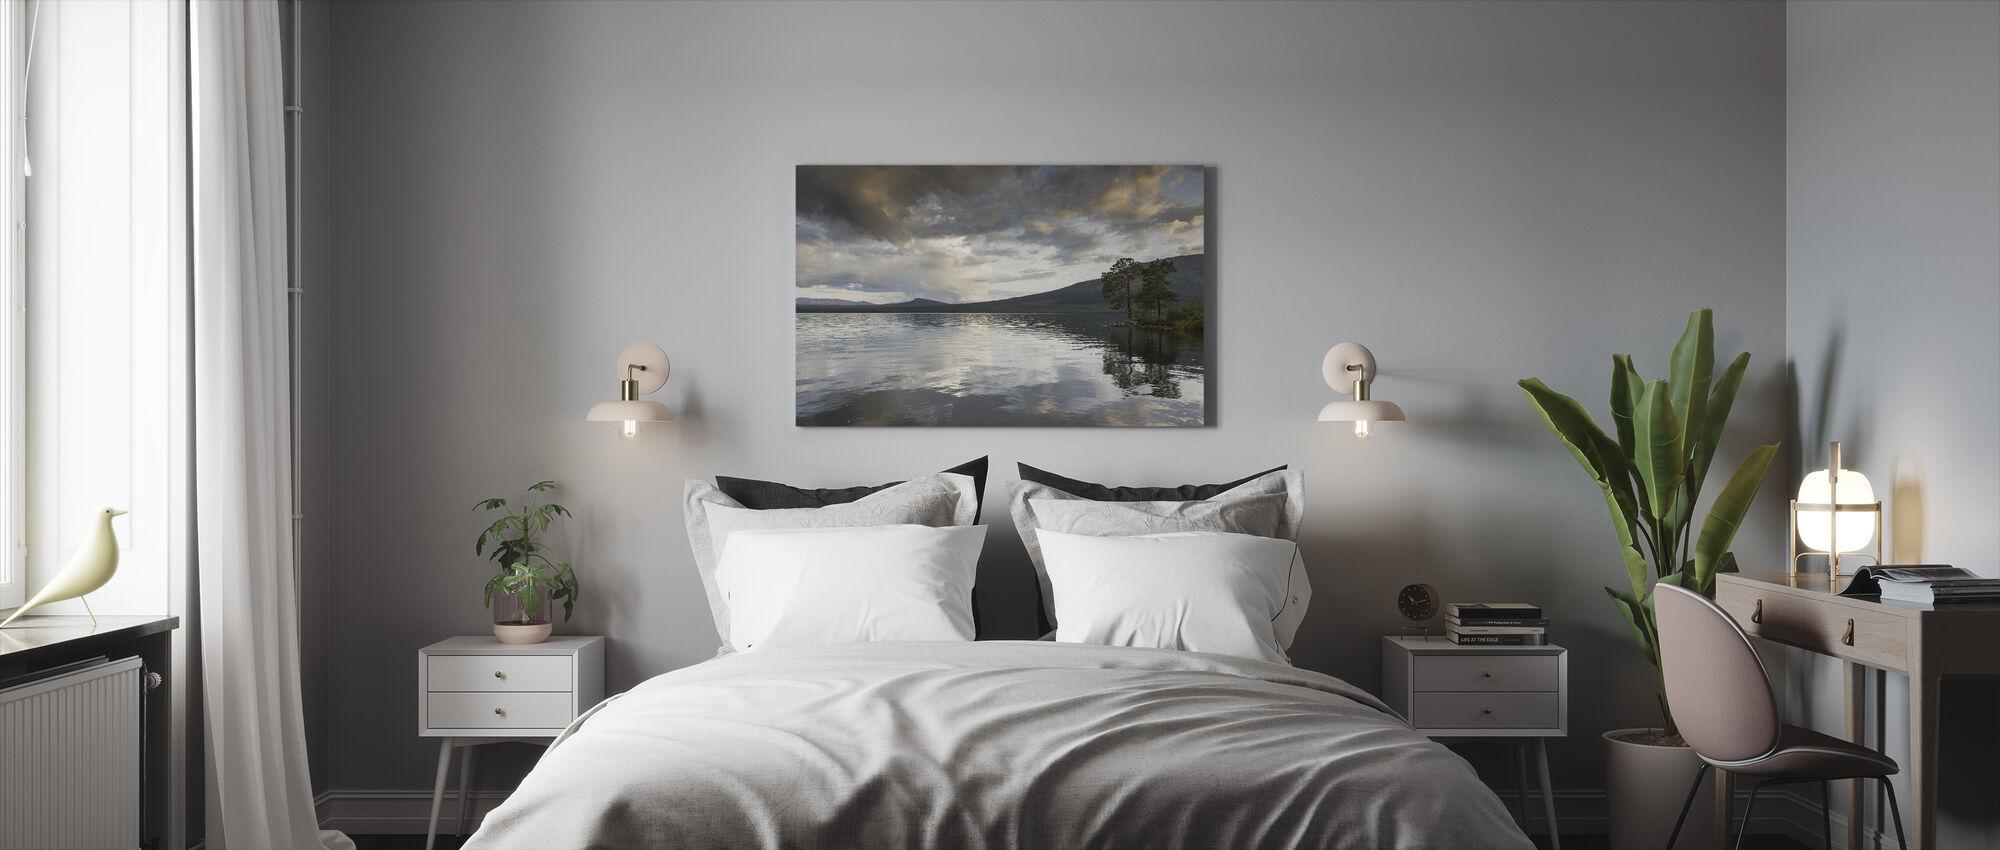 Jamtland Lake - Billede på lærred - Soveværelse